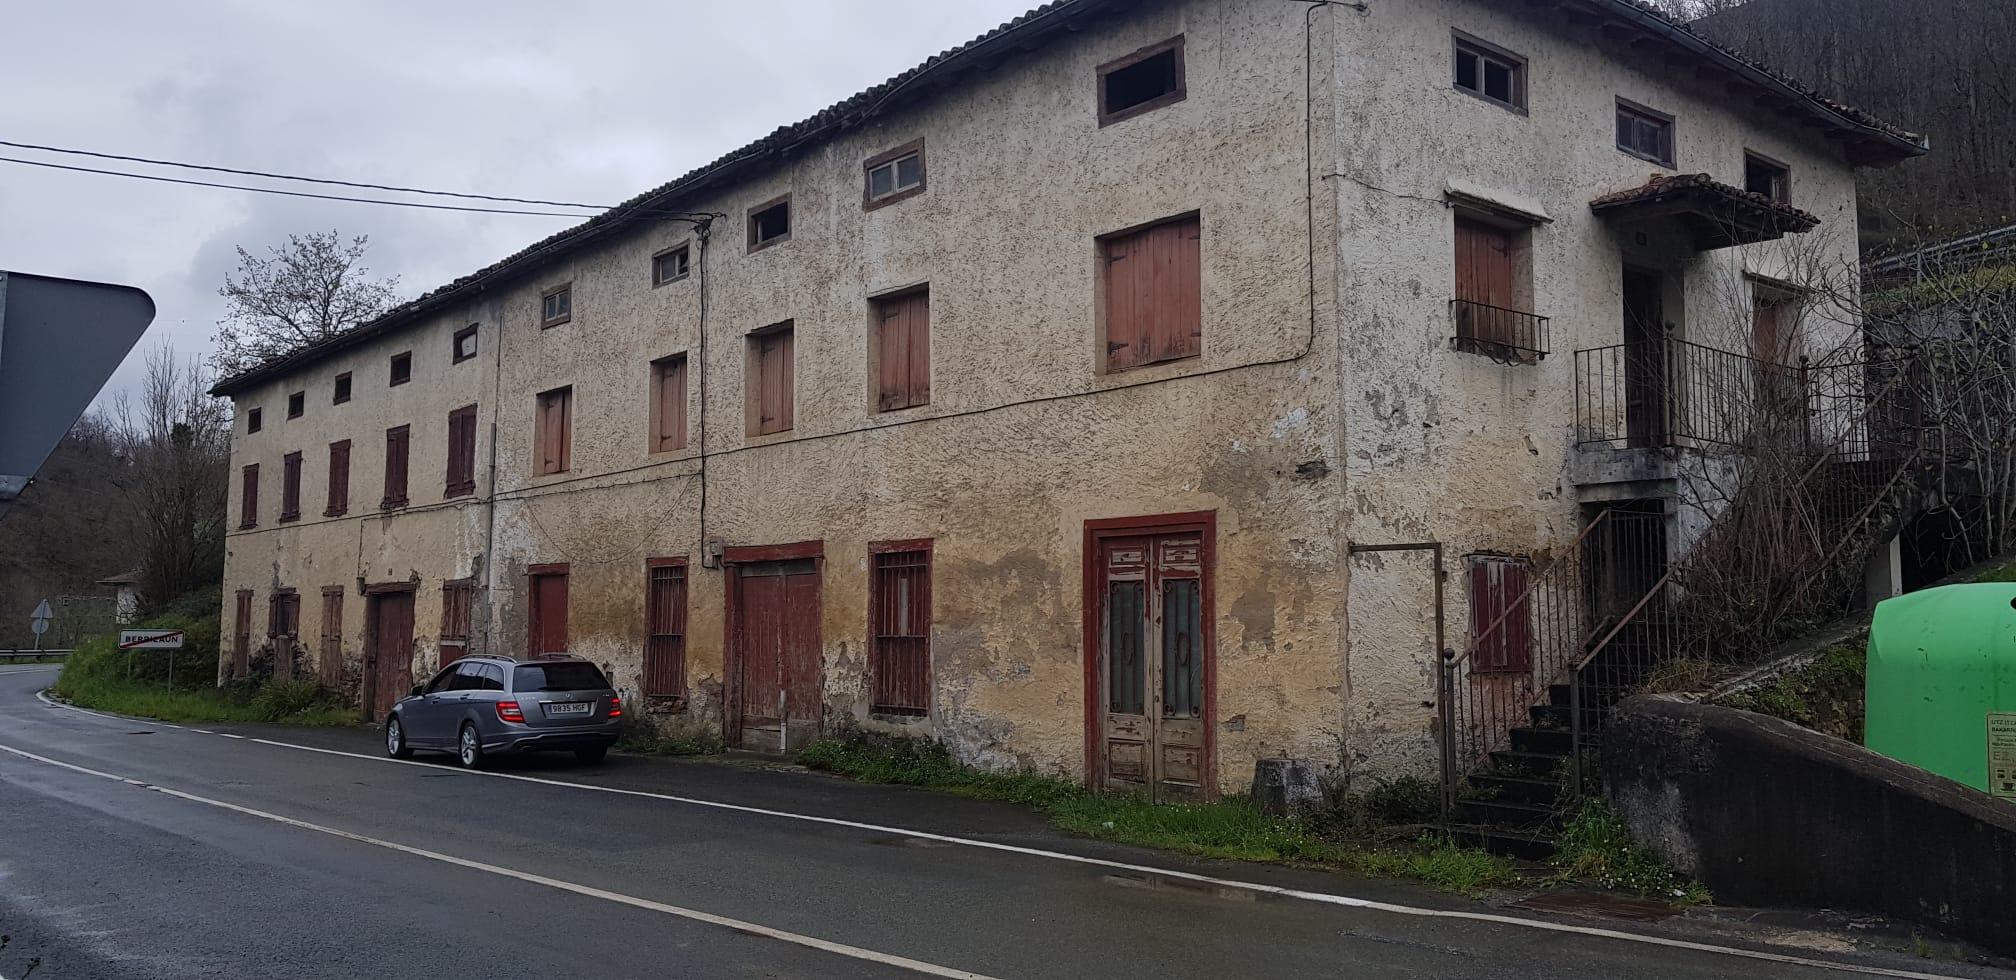 Casa en venta en En Ventas de Igantzi ,Navarra MC1019